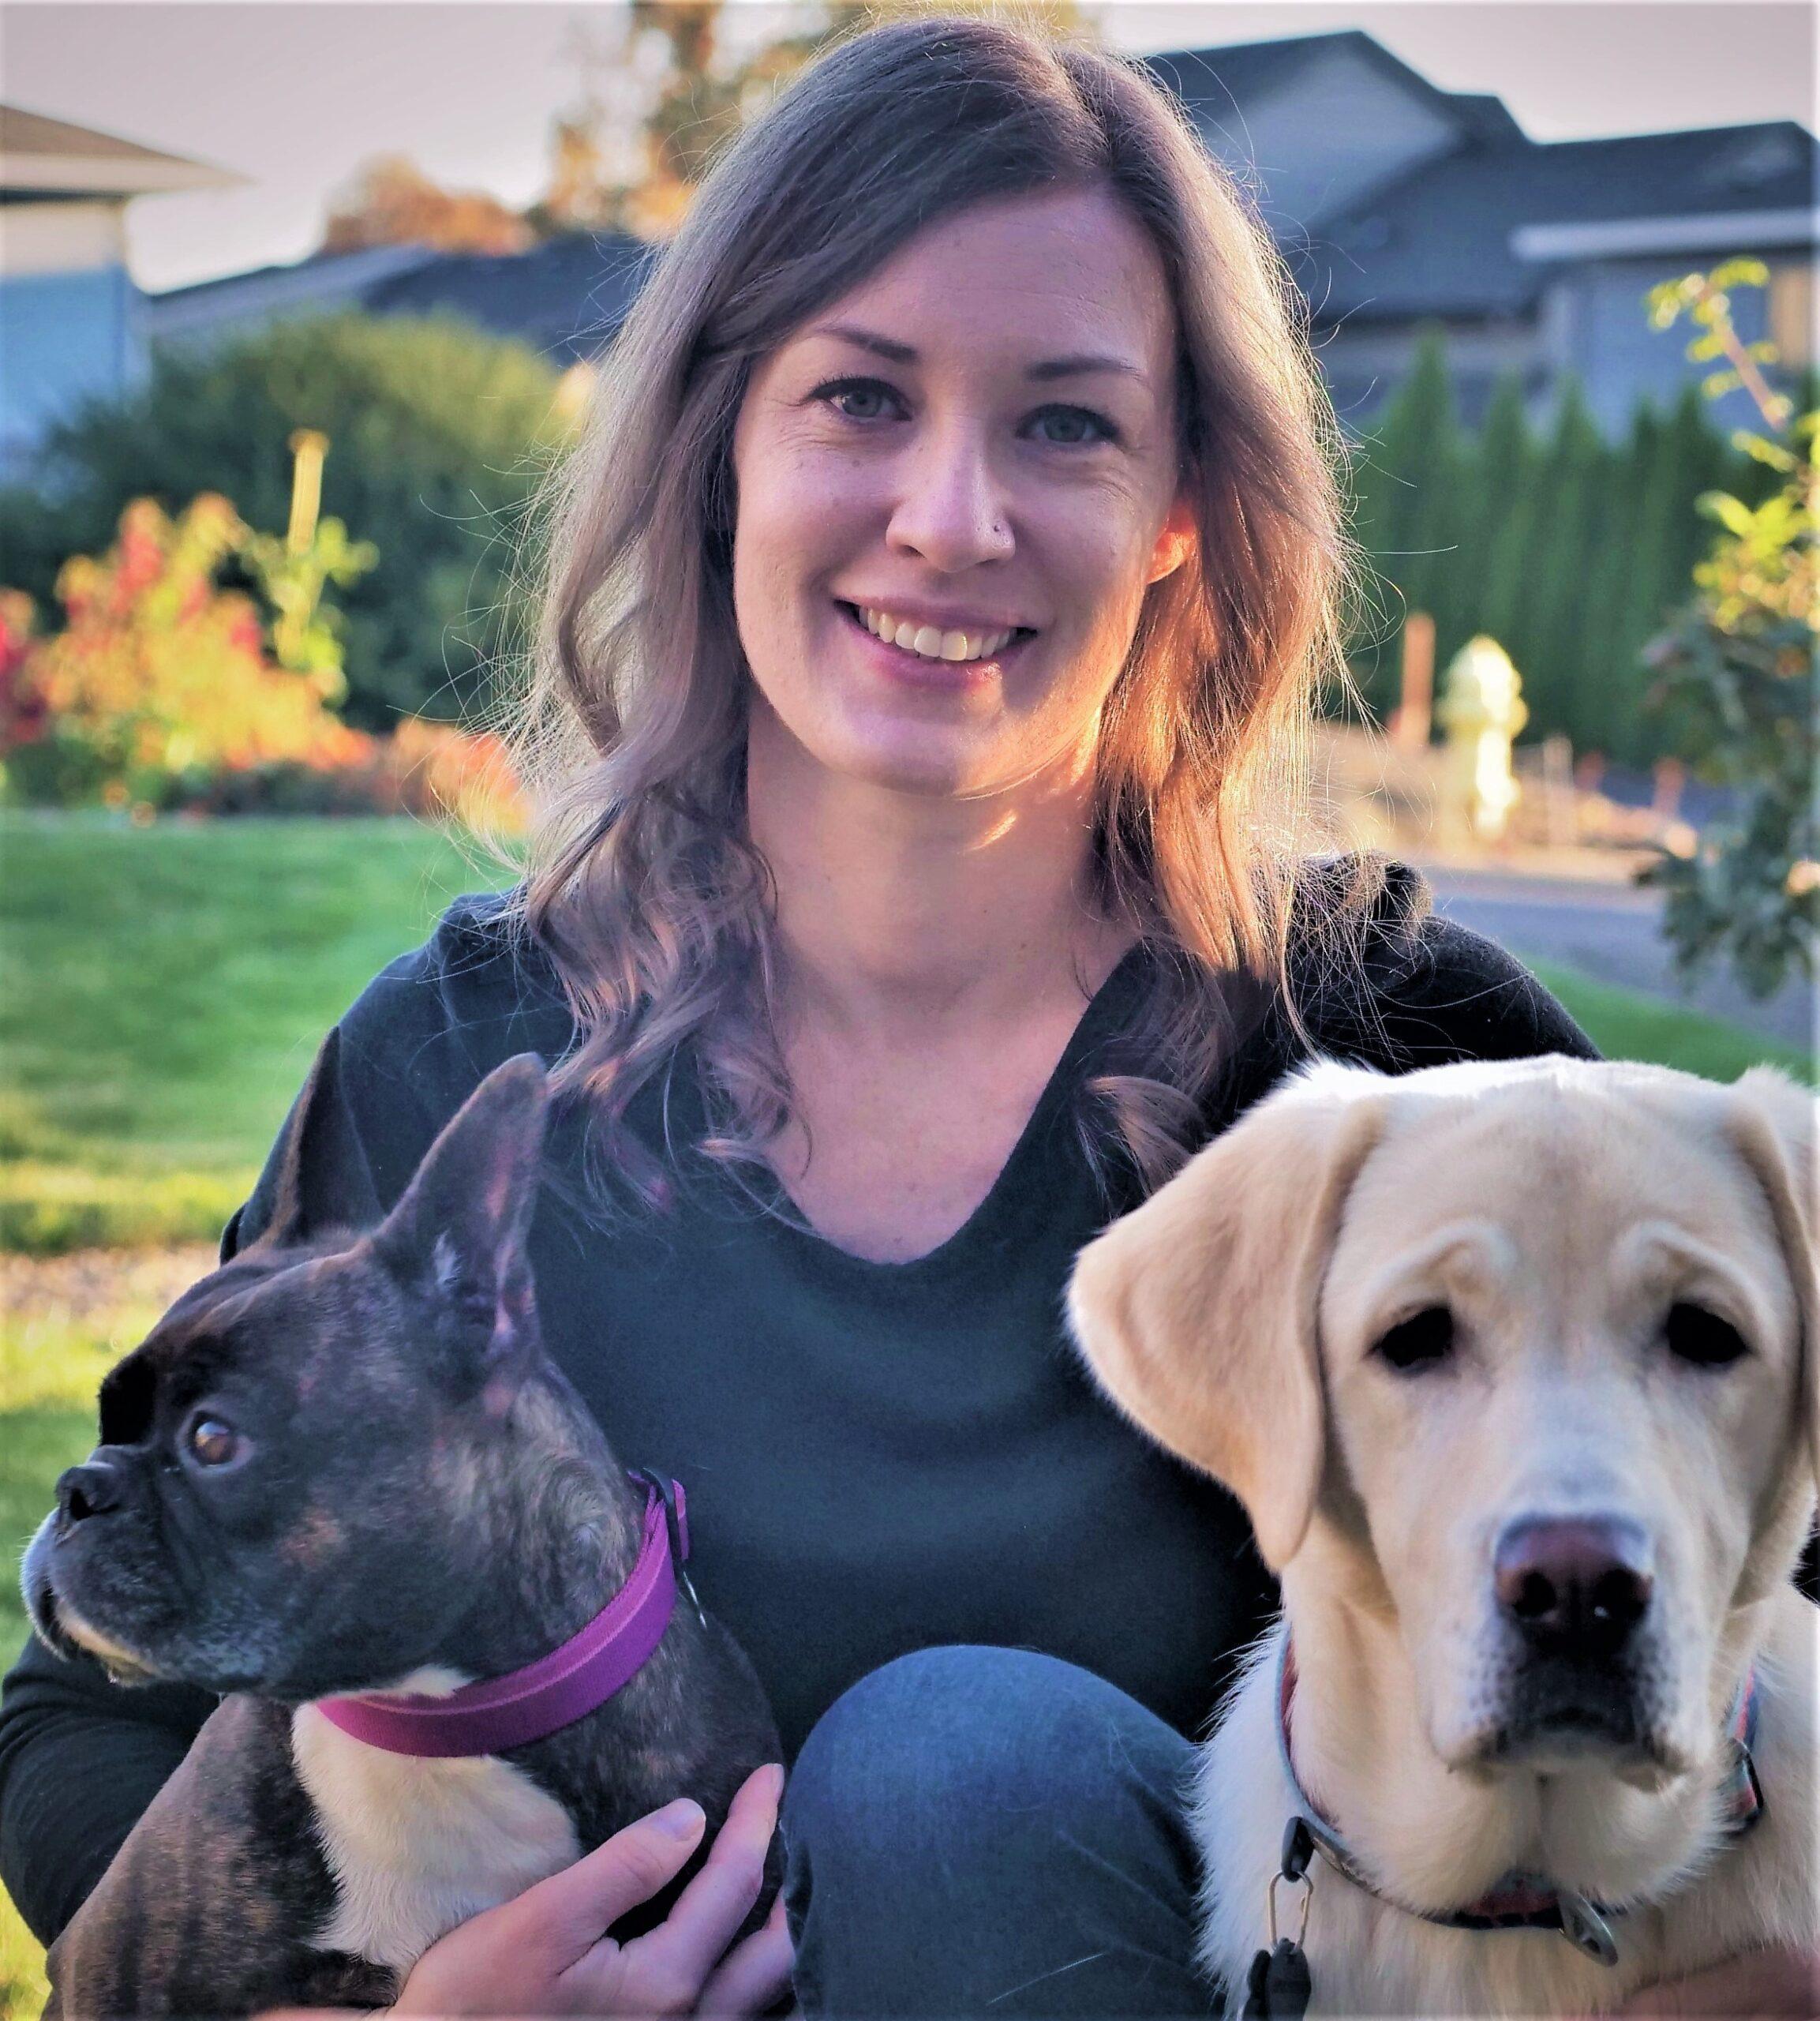 Meet Dr. Brittany Lauman, associate veterinarian